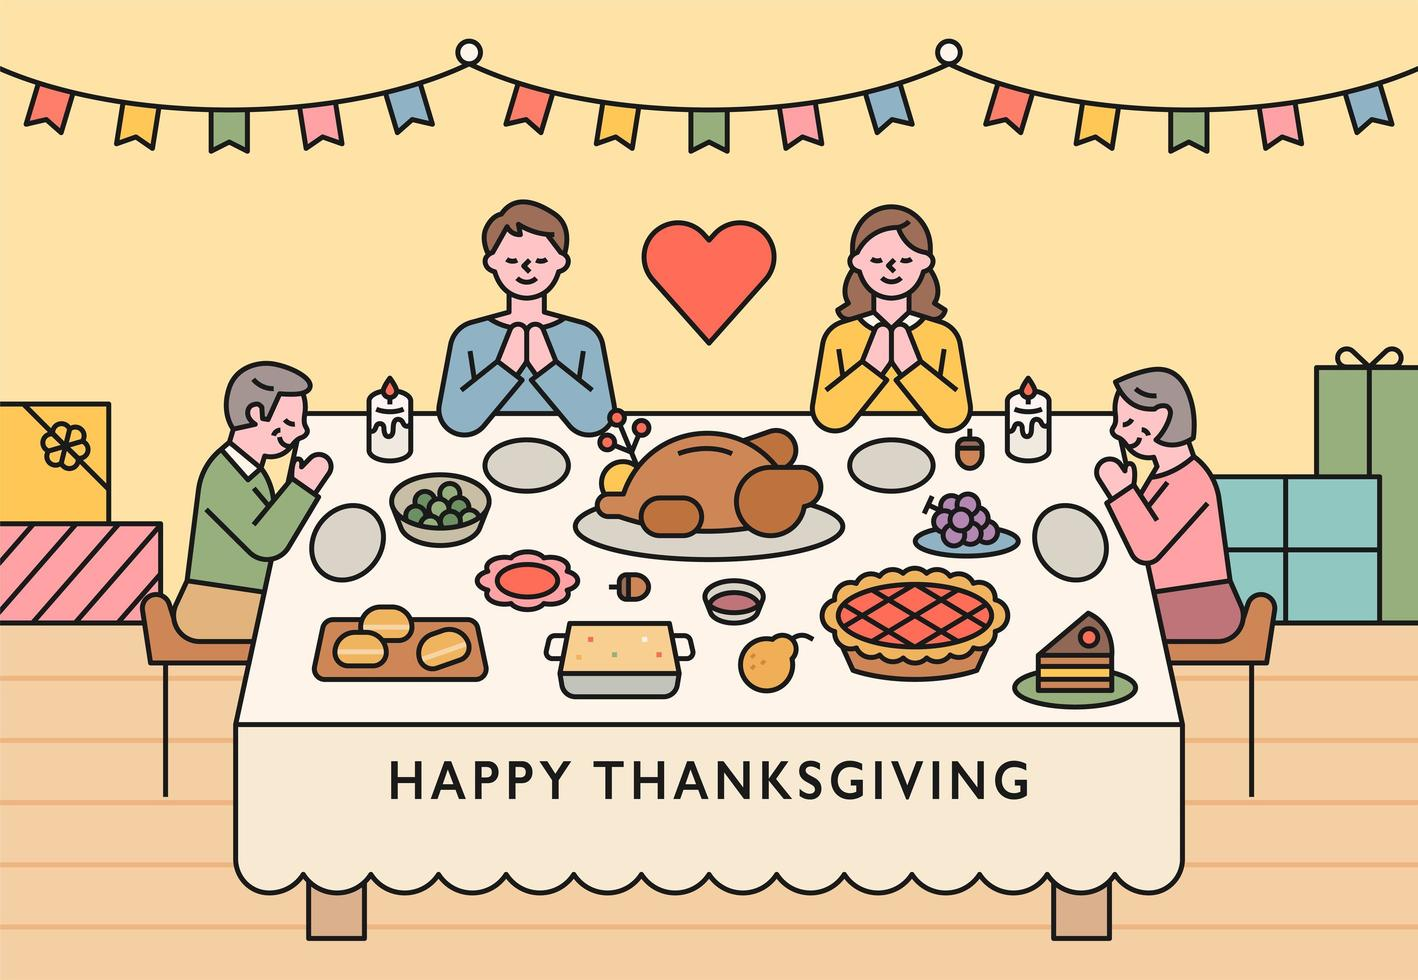 famílias estão sentadas ao redor de uma mesa em ação de graças e orando vetor